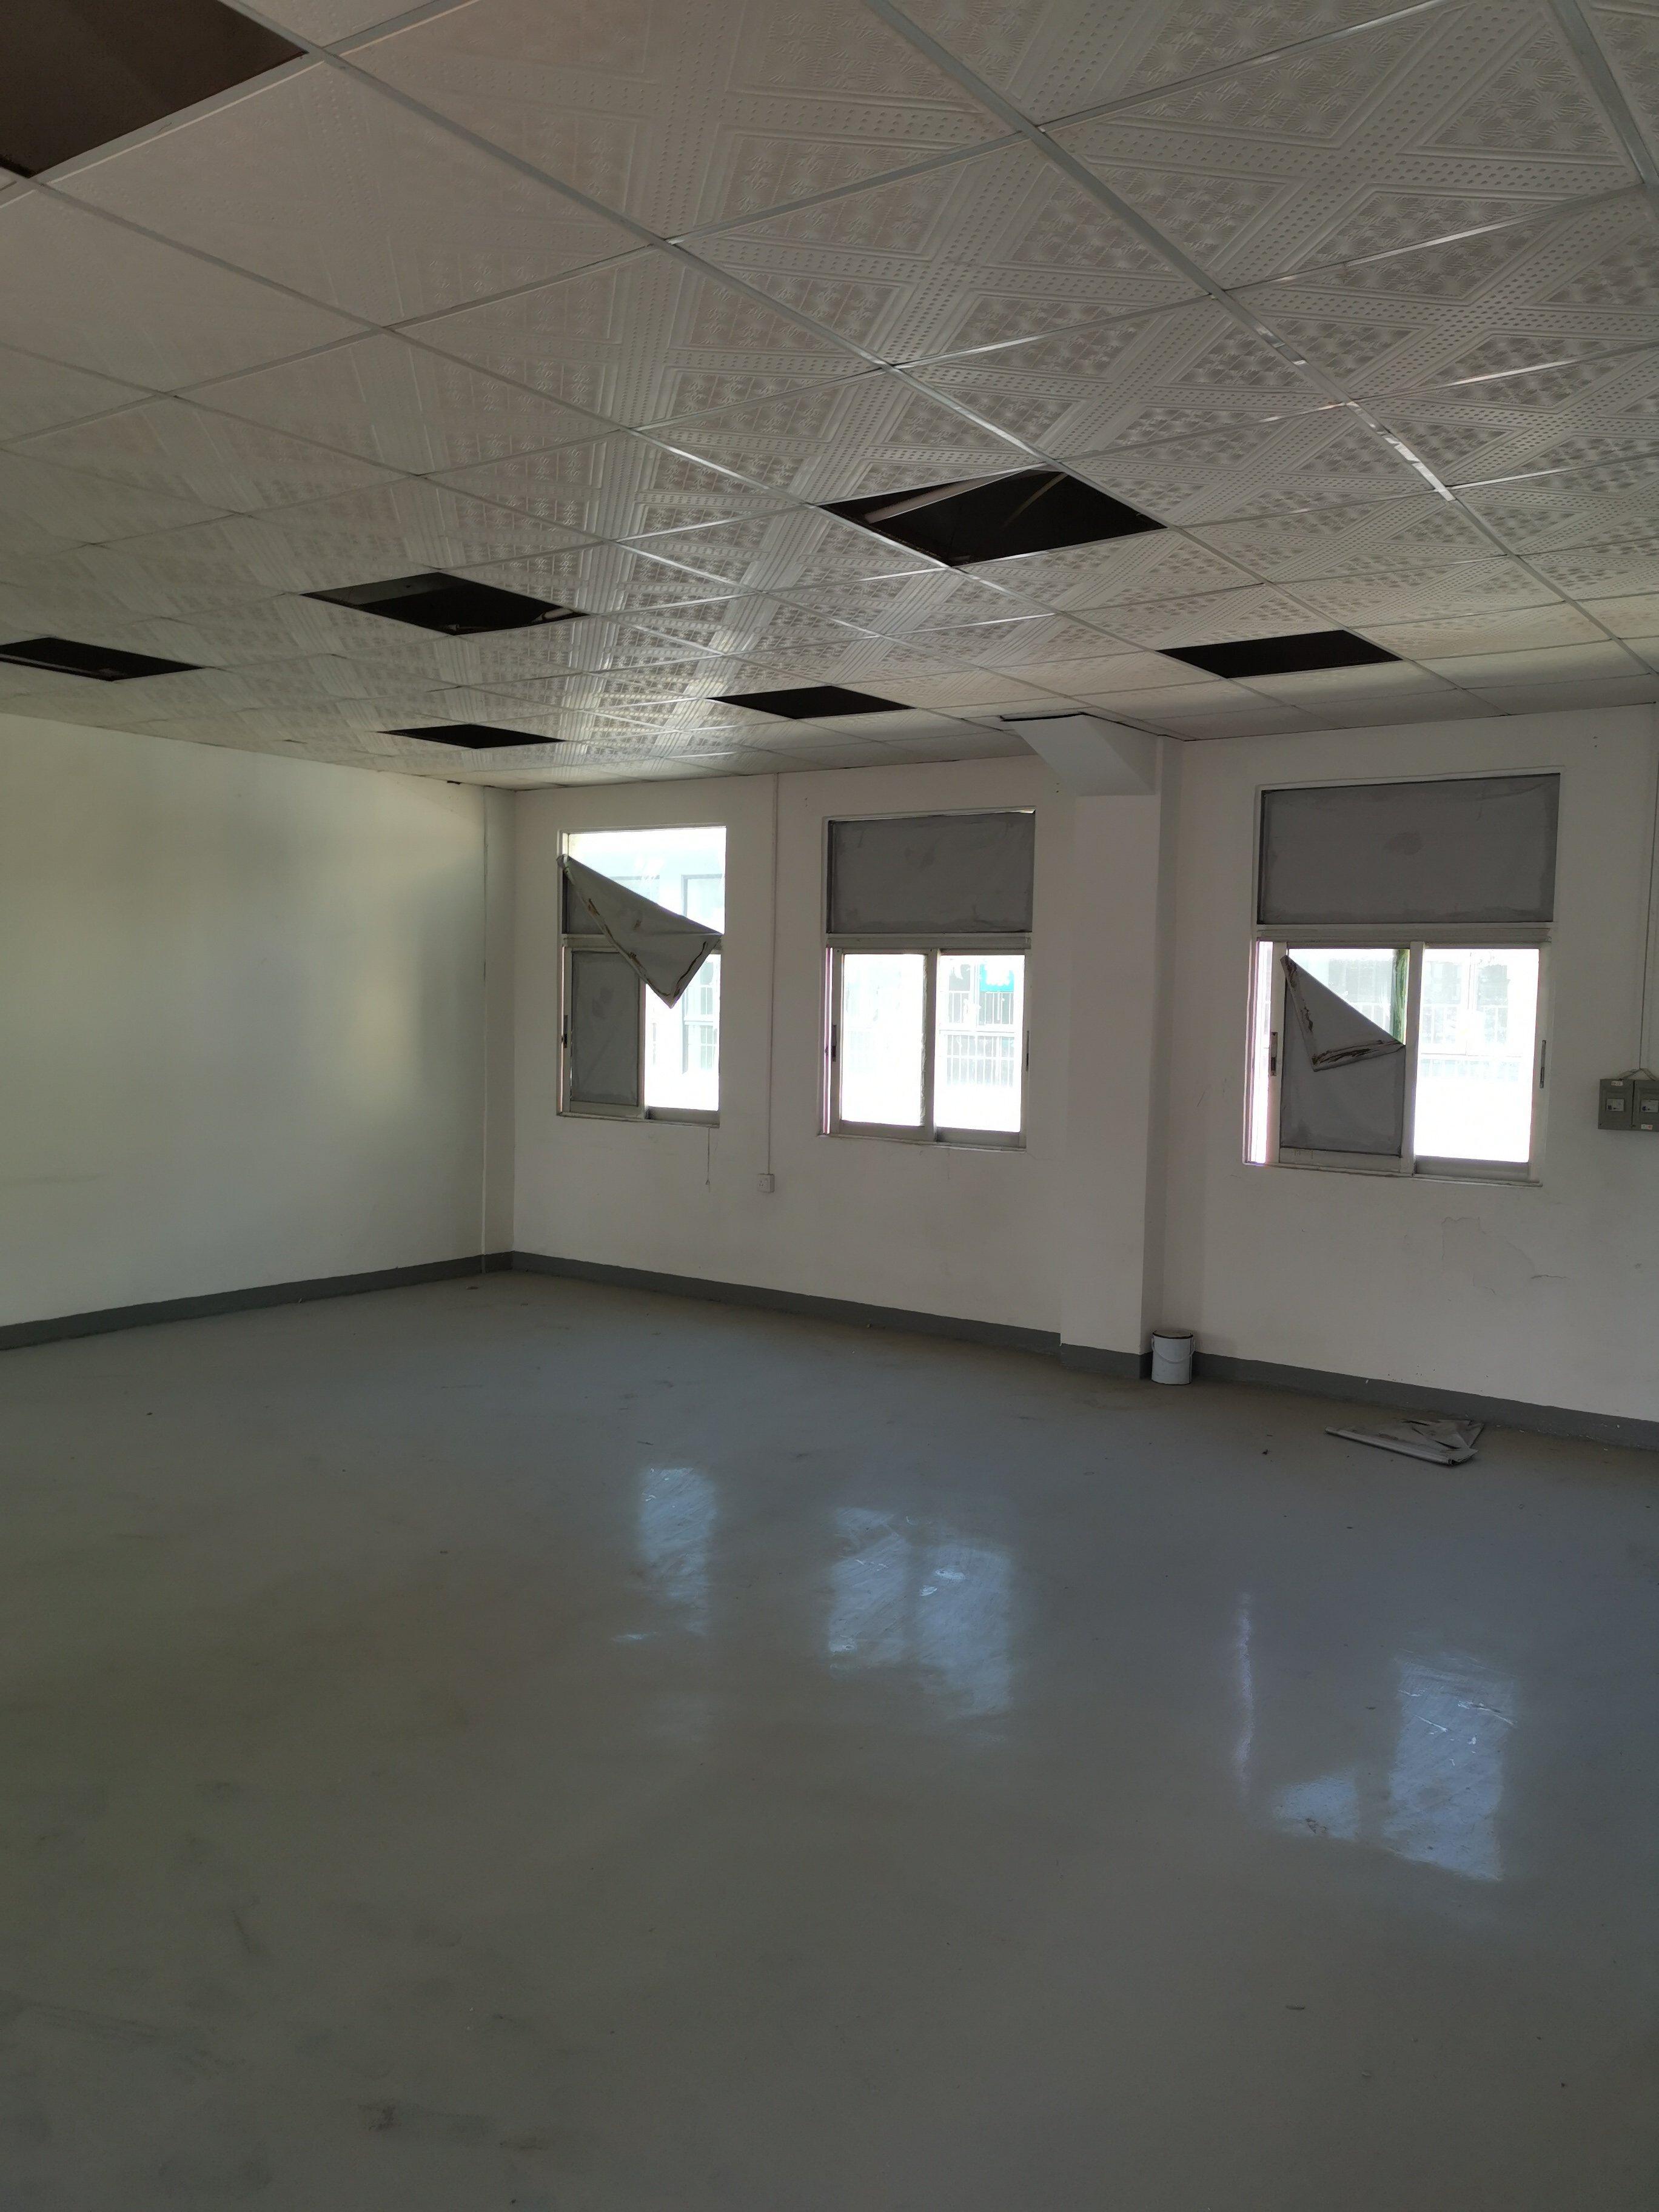 深圳红本可办公厂房出售4600平米,售价5300万,